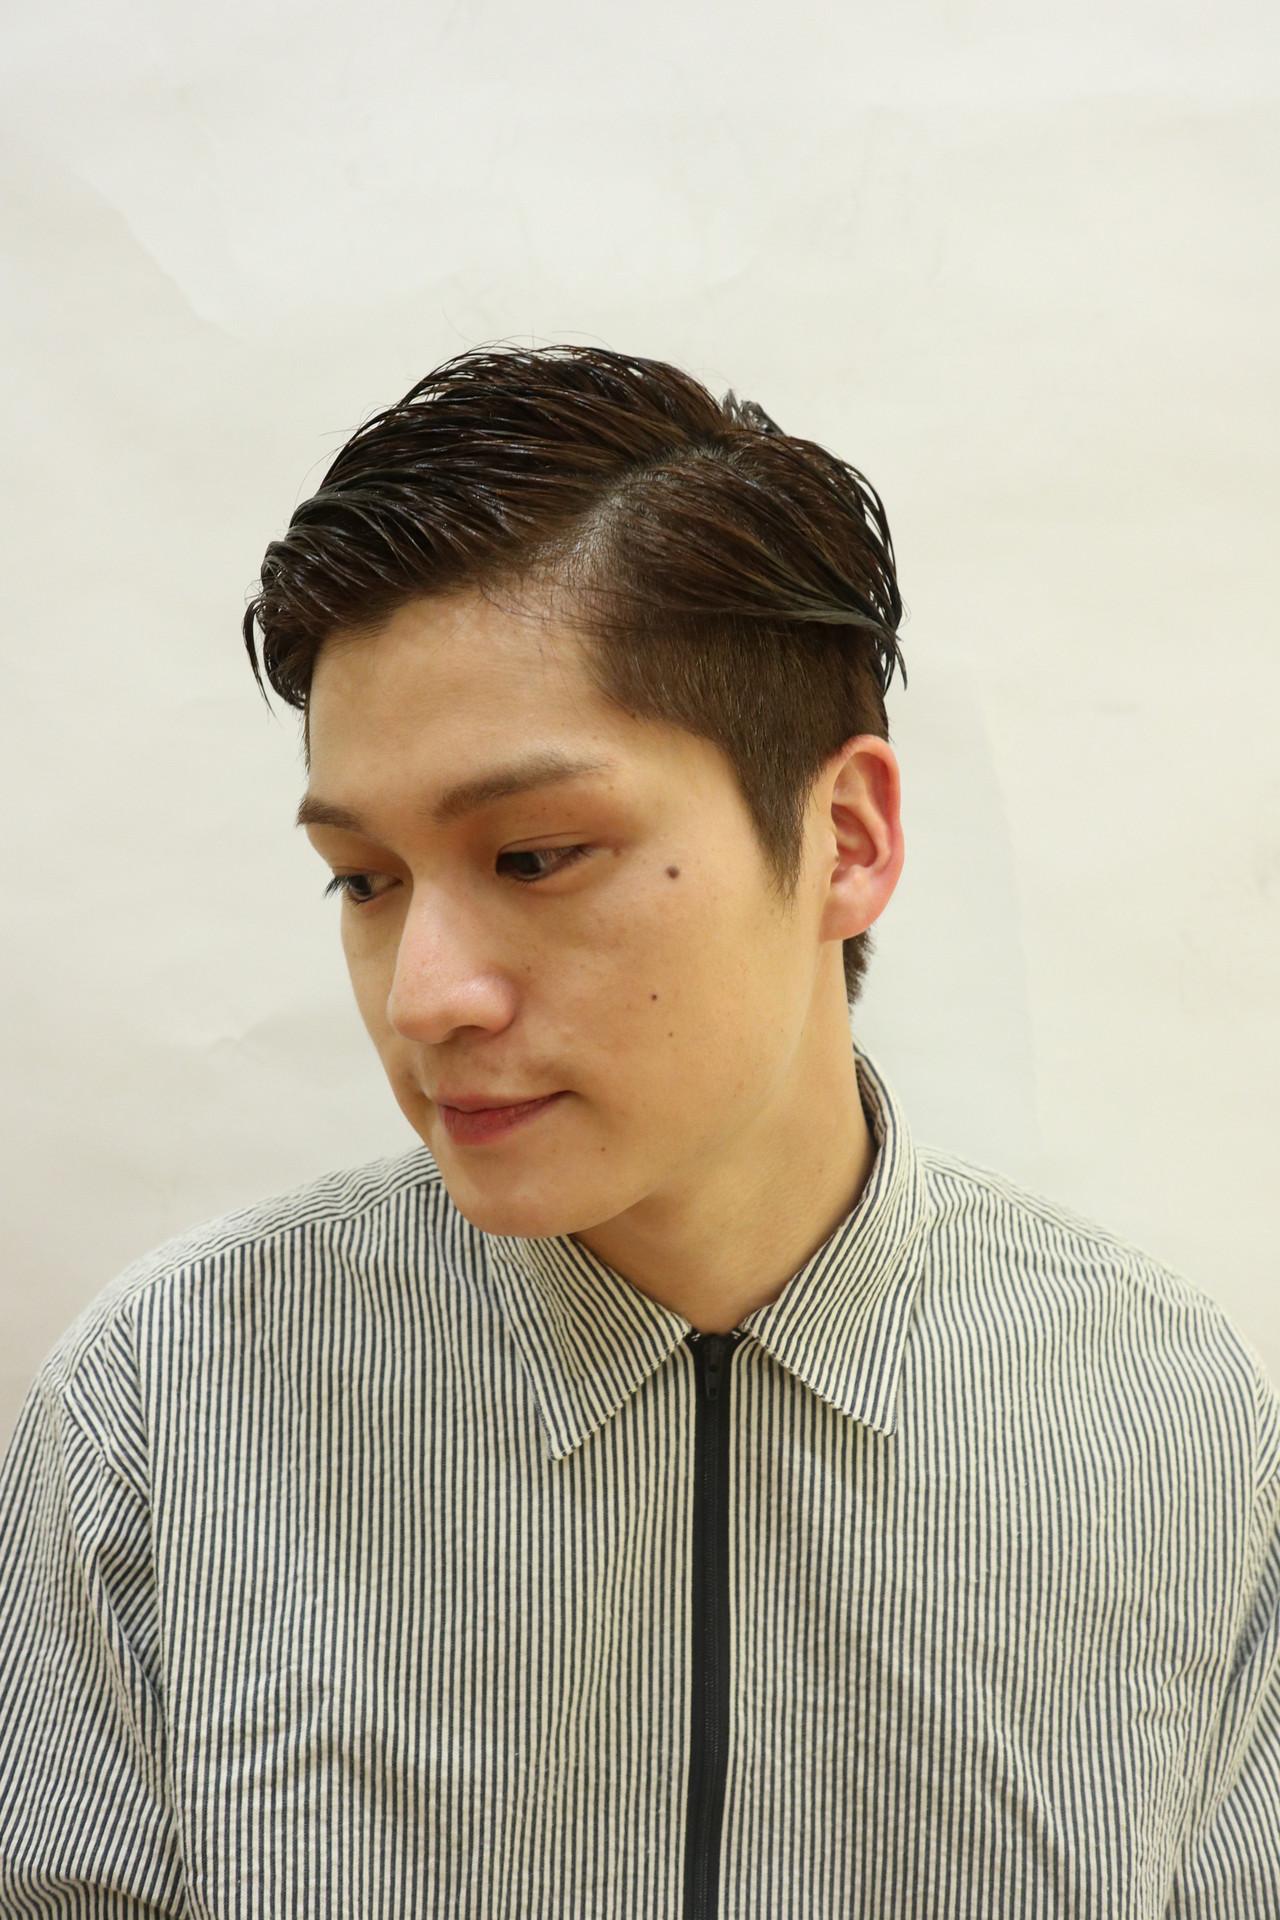 ナチュラル 刈り上げ ウェットヘア ショート ヘアスタイルや髪型の写真・画像 | 勝永 智基 / BEAUTRIUM  265